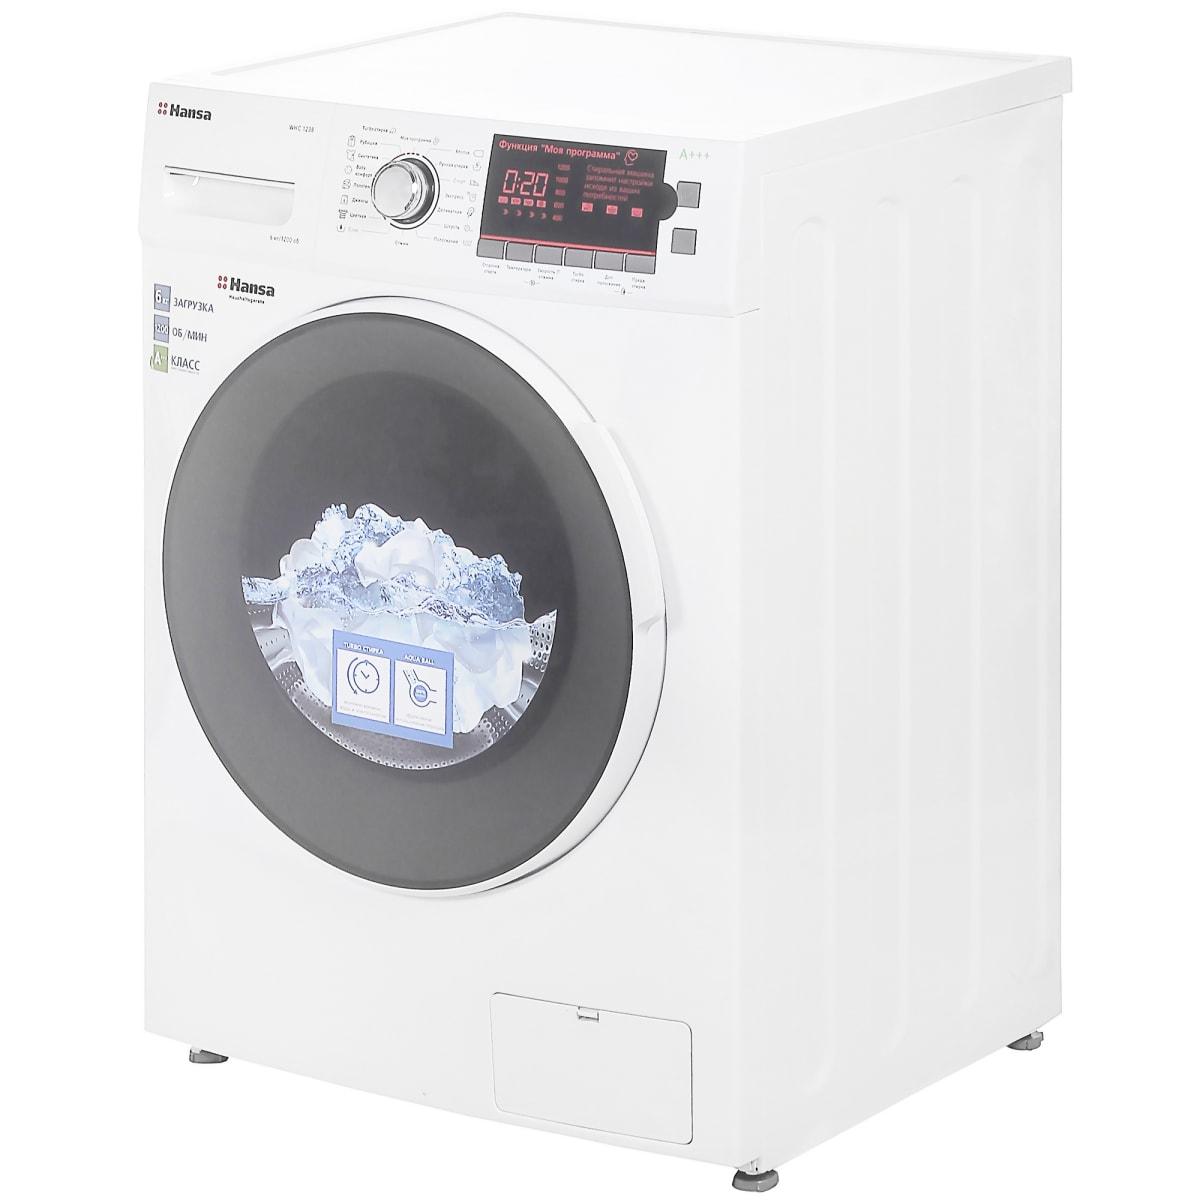 Стиральная машина HANSA WHC 1238, 6кг, цвет белый